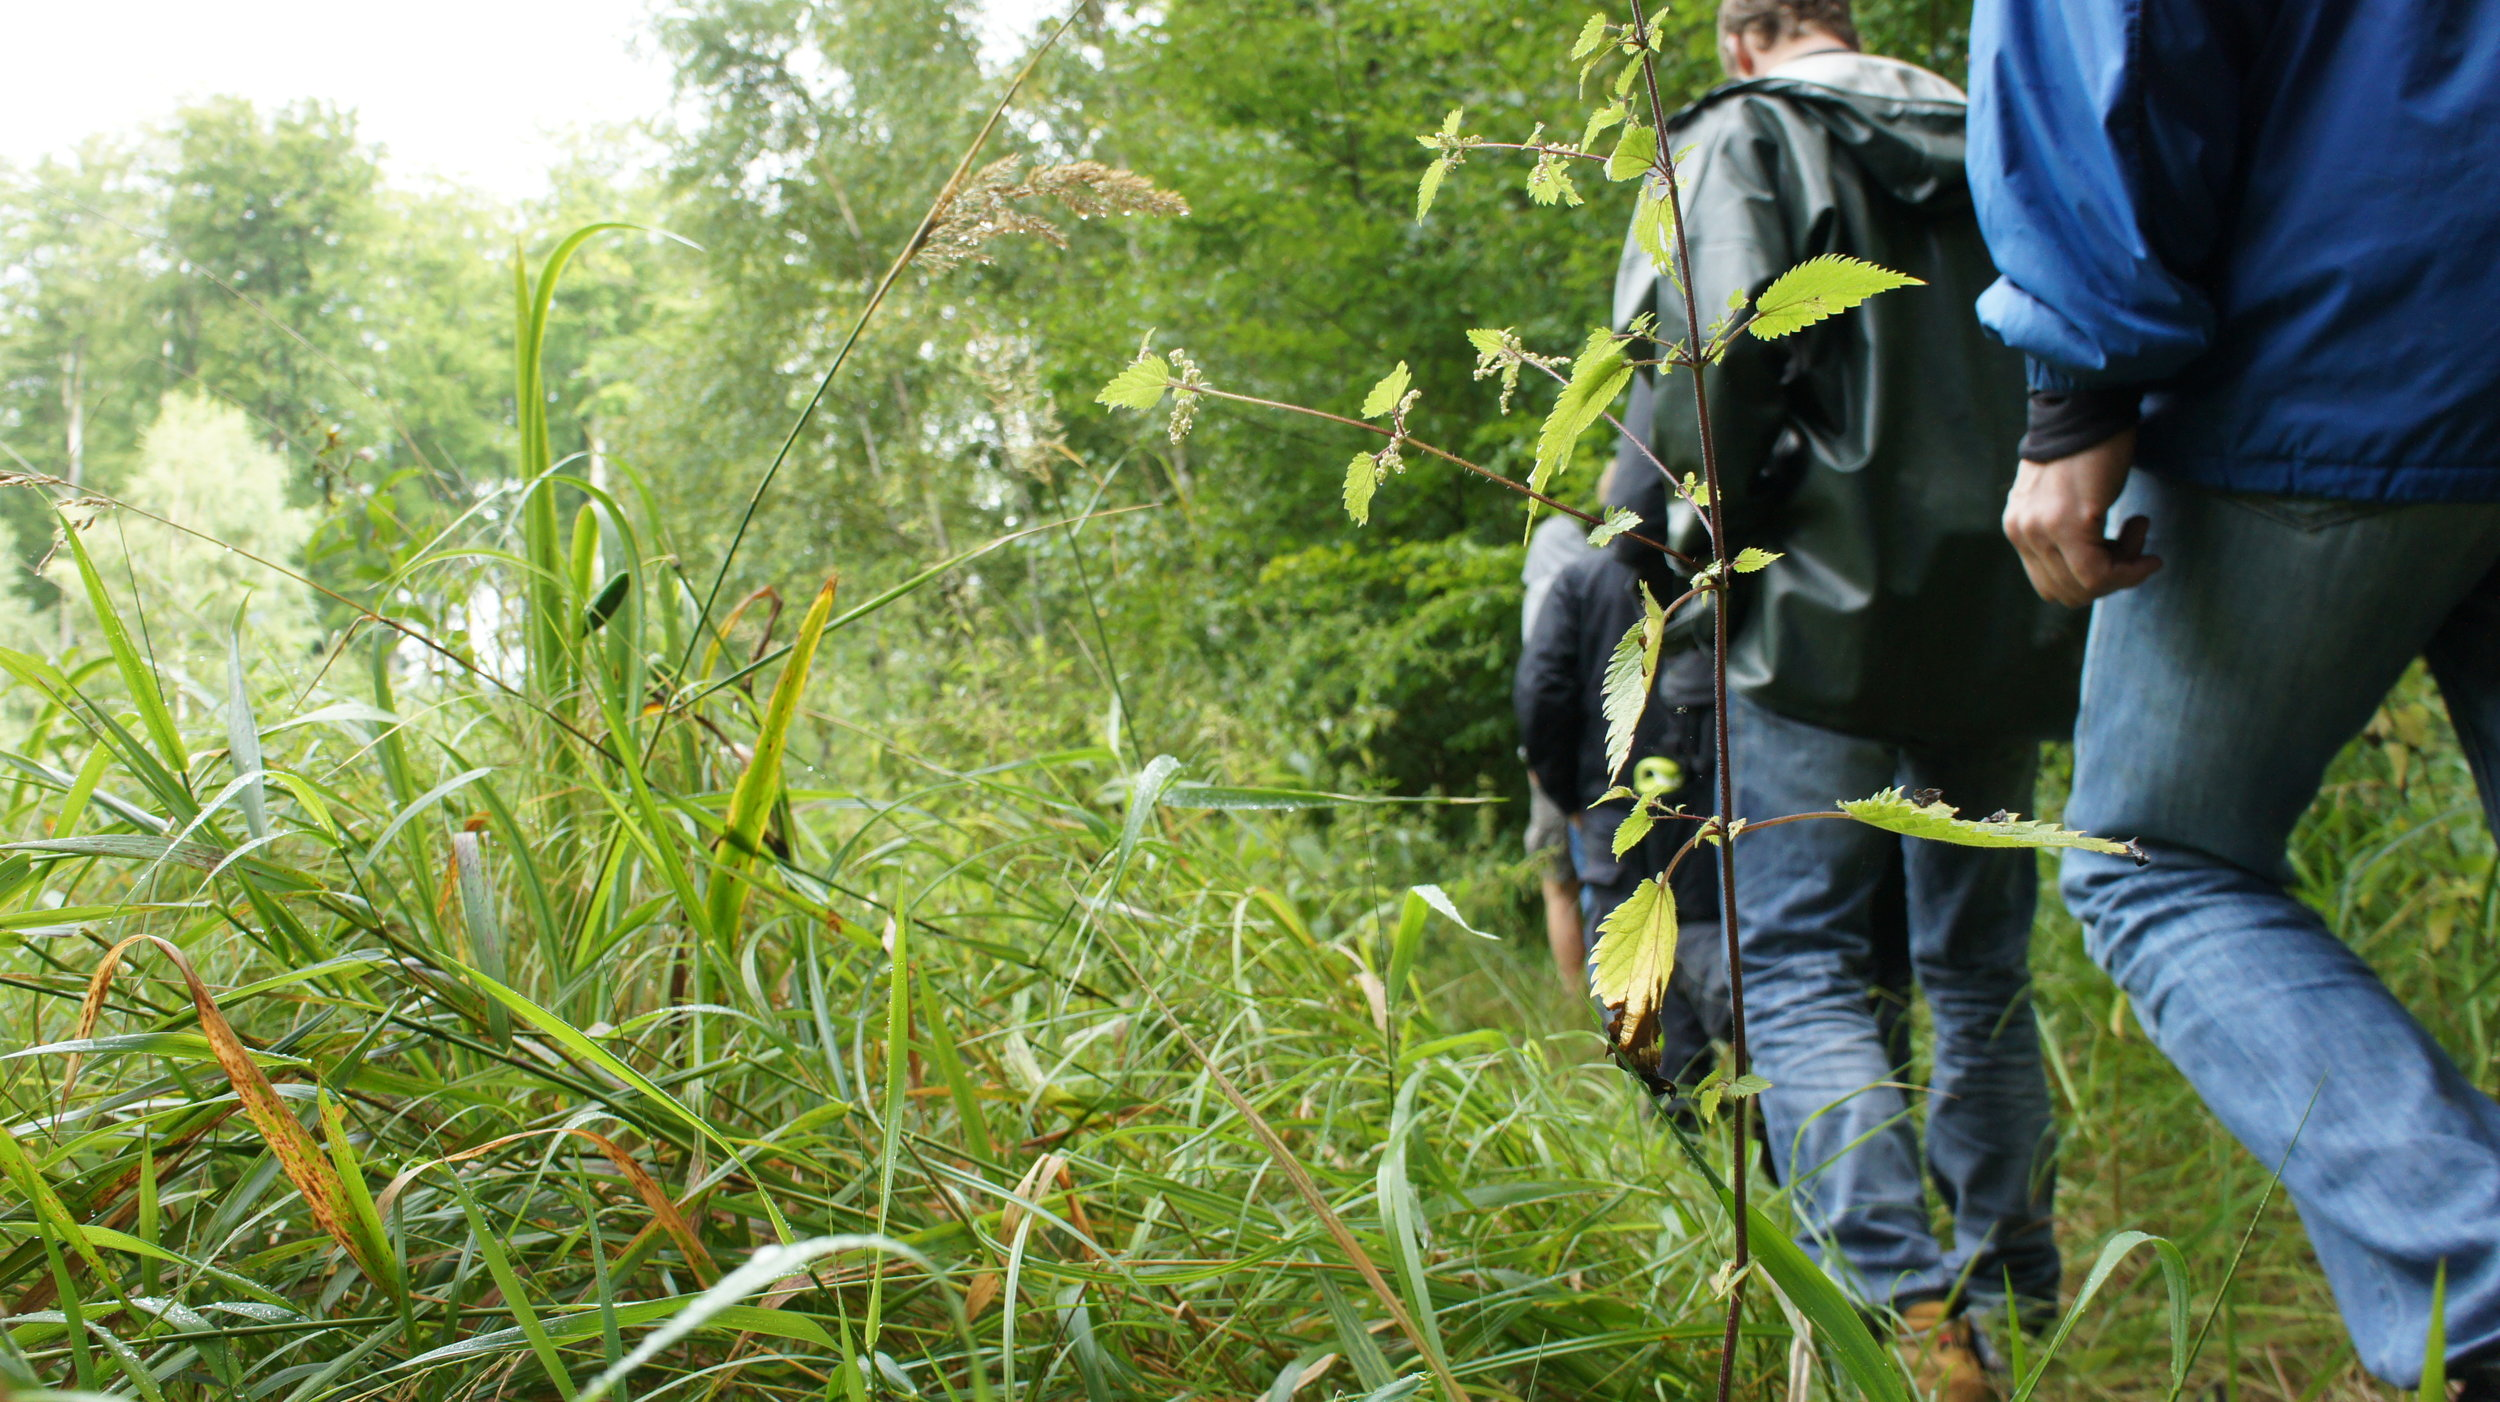 Outdoor GUide / Wildnisführer Ausbildung - Abschluss und Zertifizierung